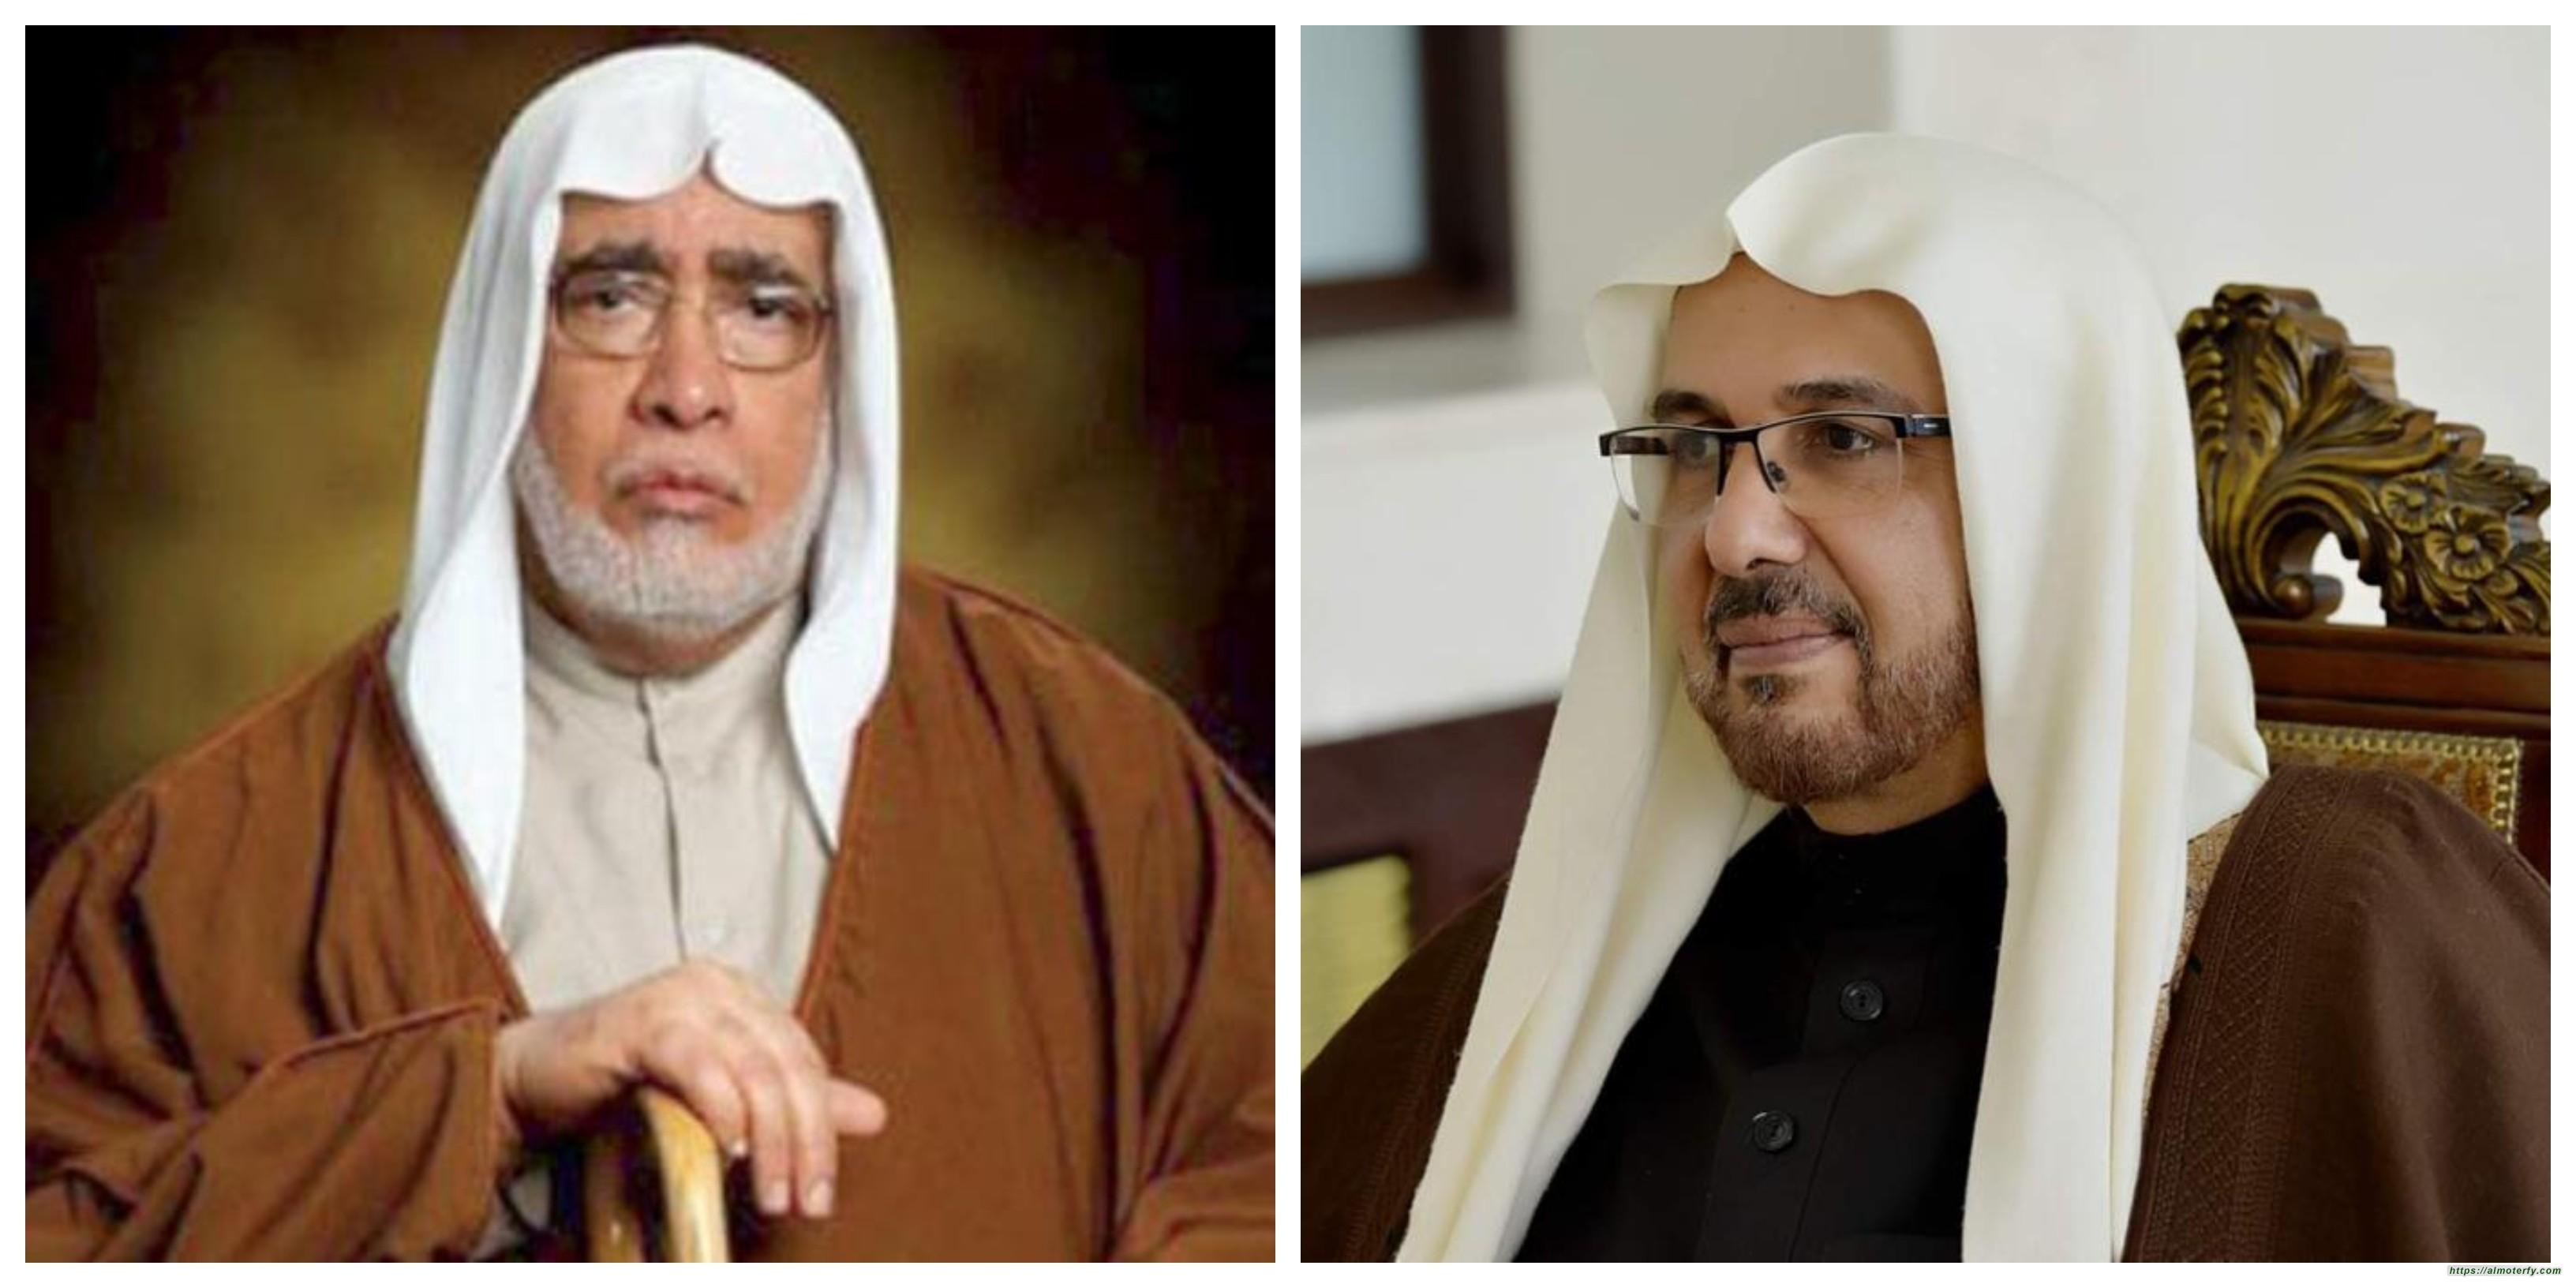 الشيخ جواد بن حسين الرمضان  نموذج السخاء بالمعلومة، وفعاليات غير مسبوقة